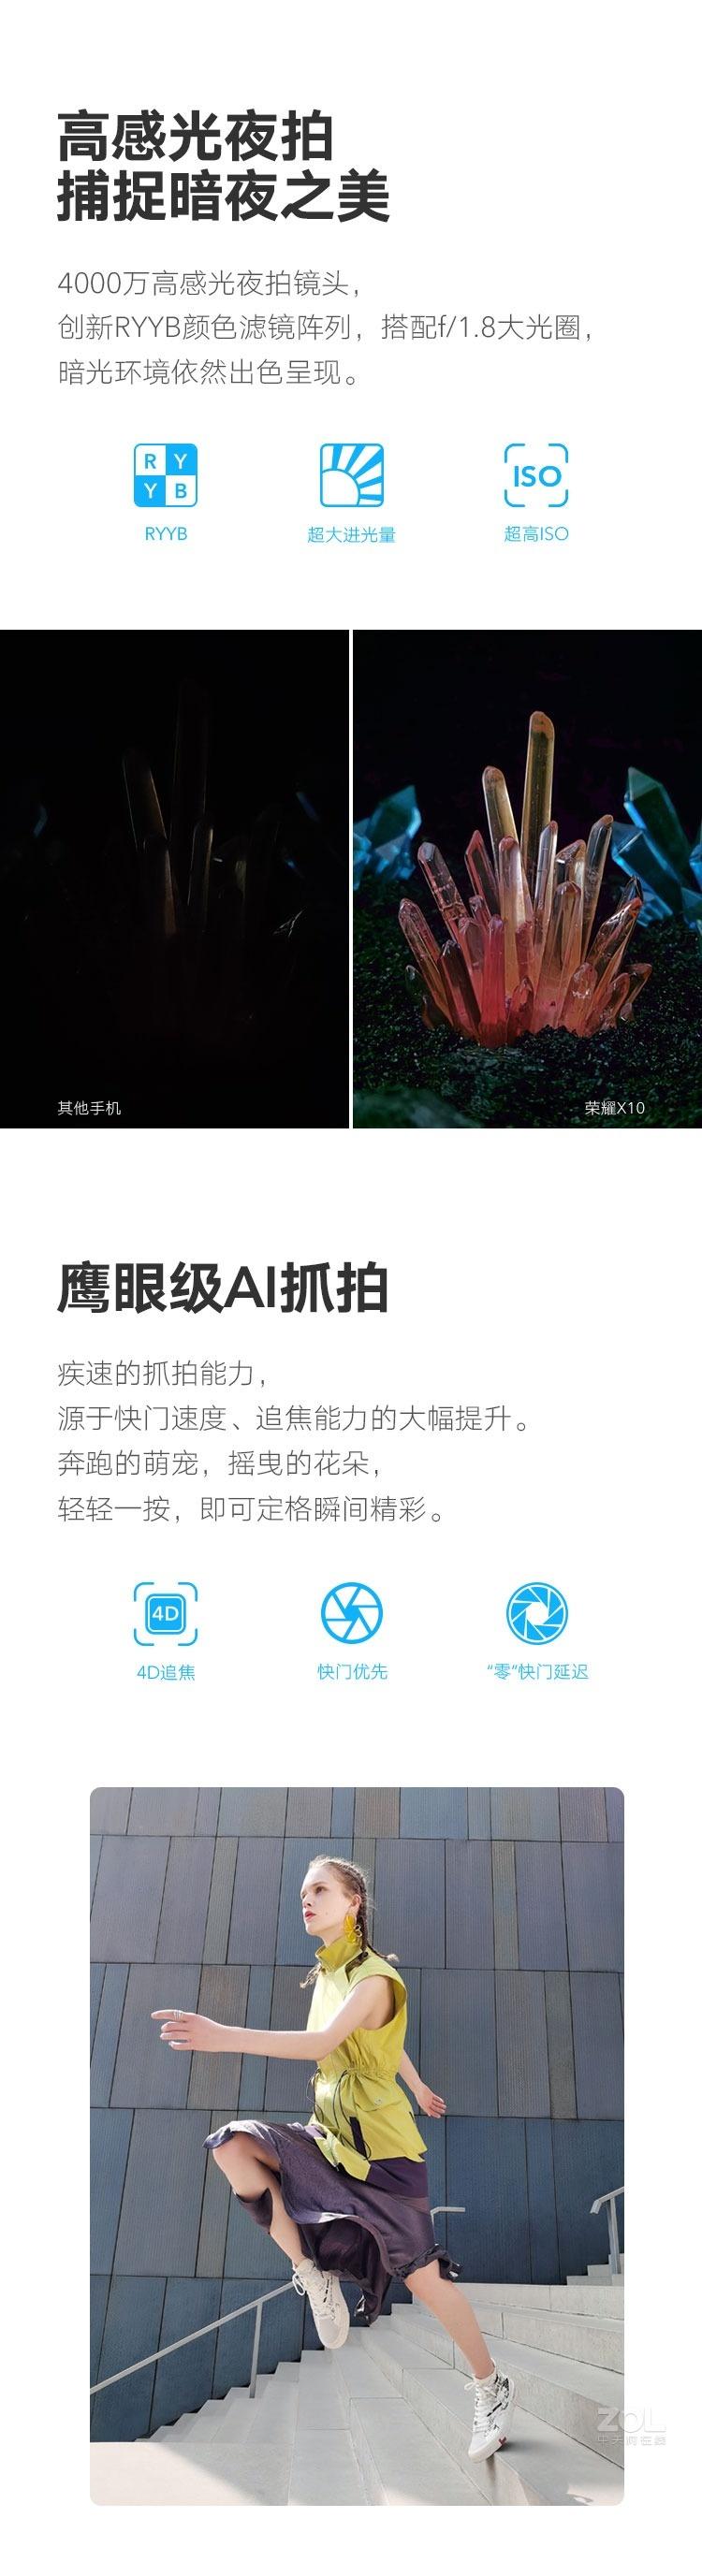 荣耀X10(6GB/128GB/全网通/5G版)评测图解产品亮点图片4